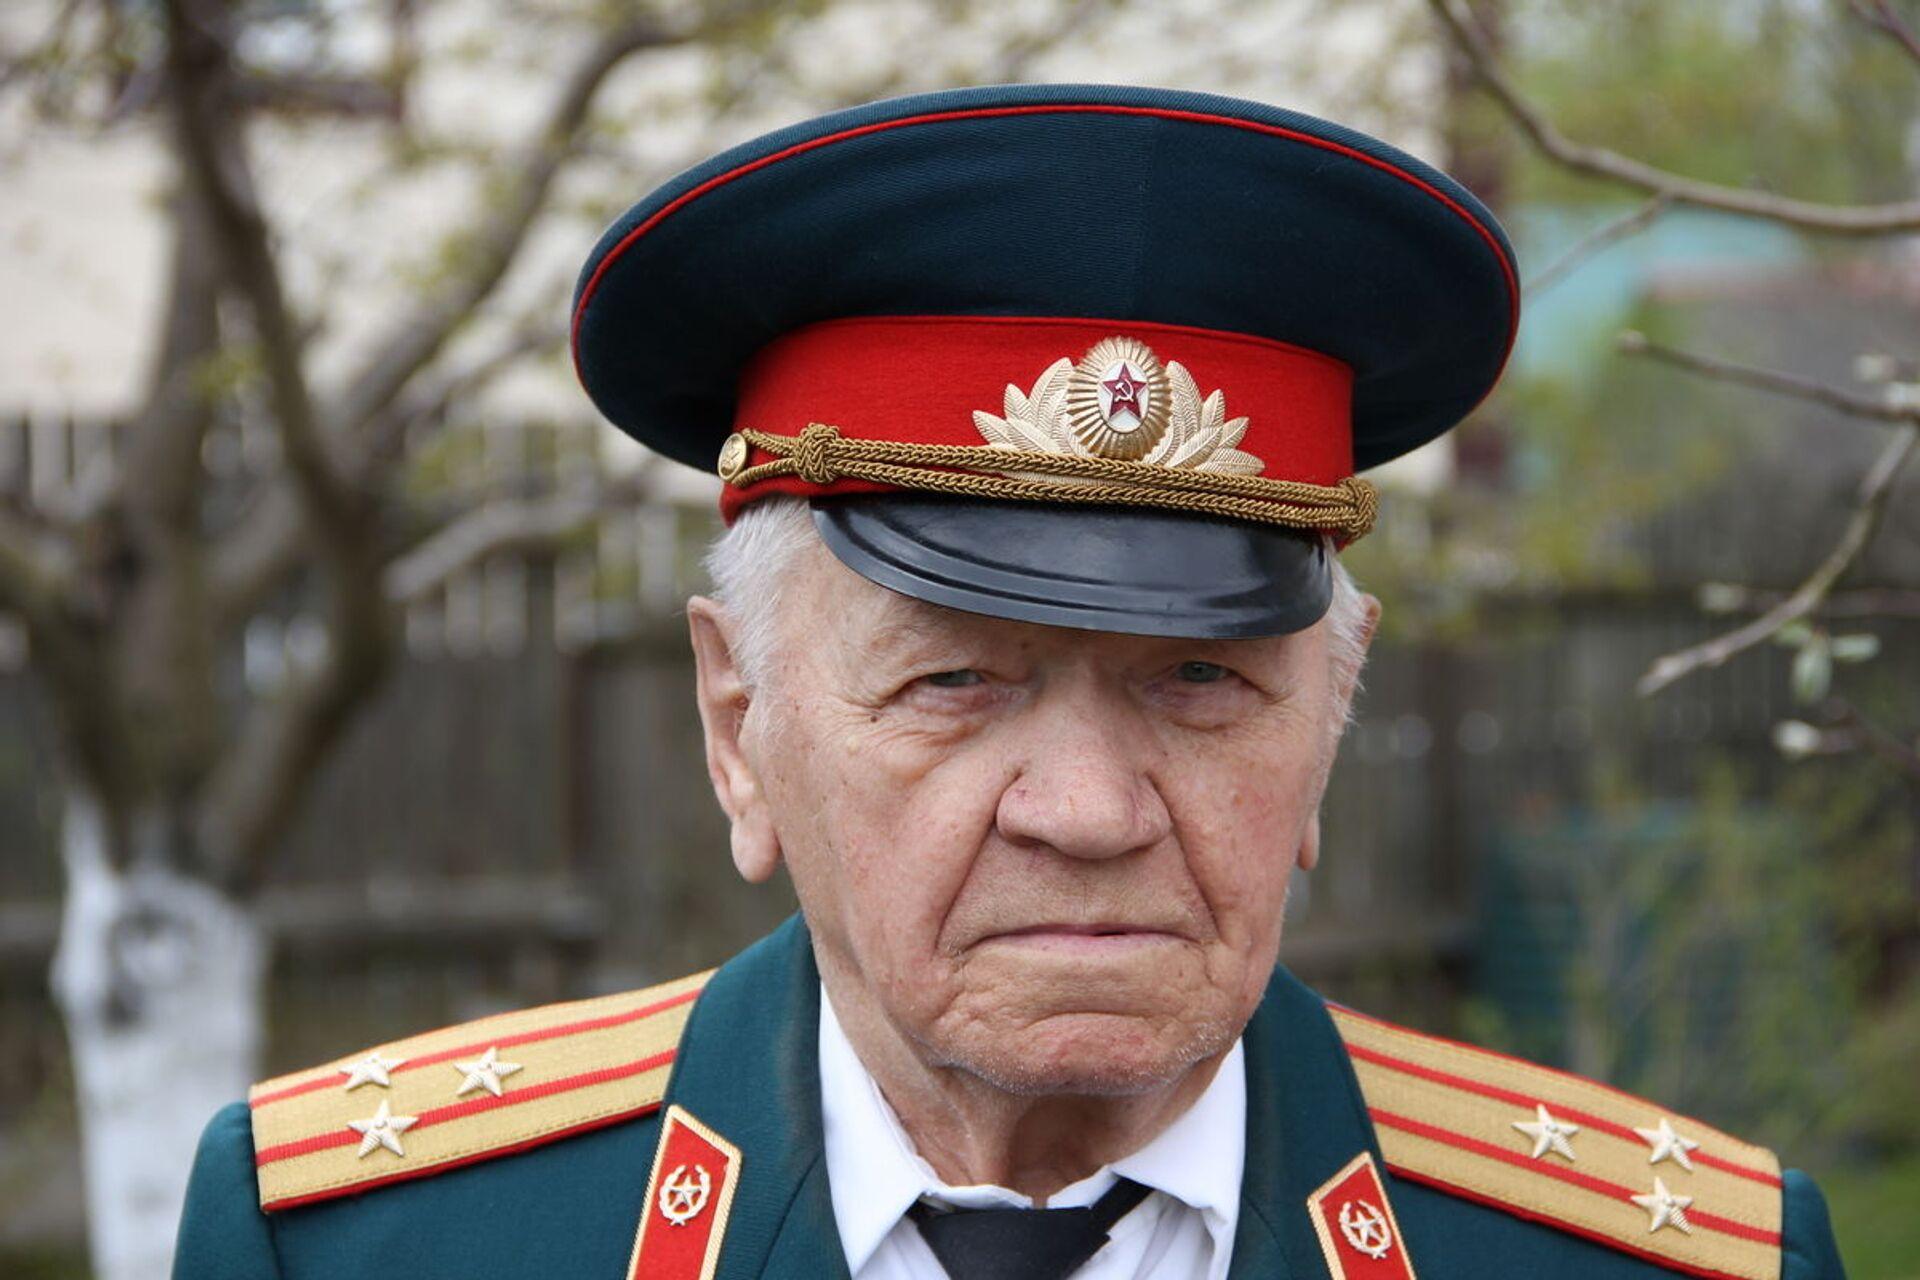 Через два года после начала войны 18-летний тогда Виктор Никифорович уже был на фронте - Sputnik Беларусь, 1920, 29.06.2021